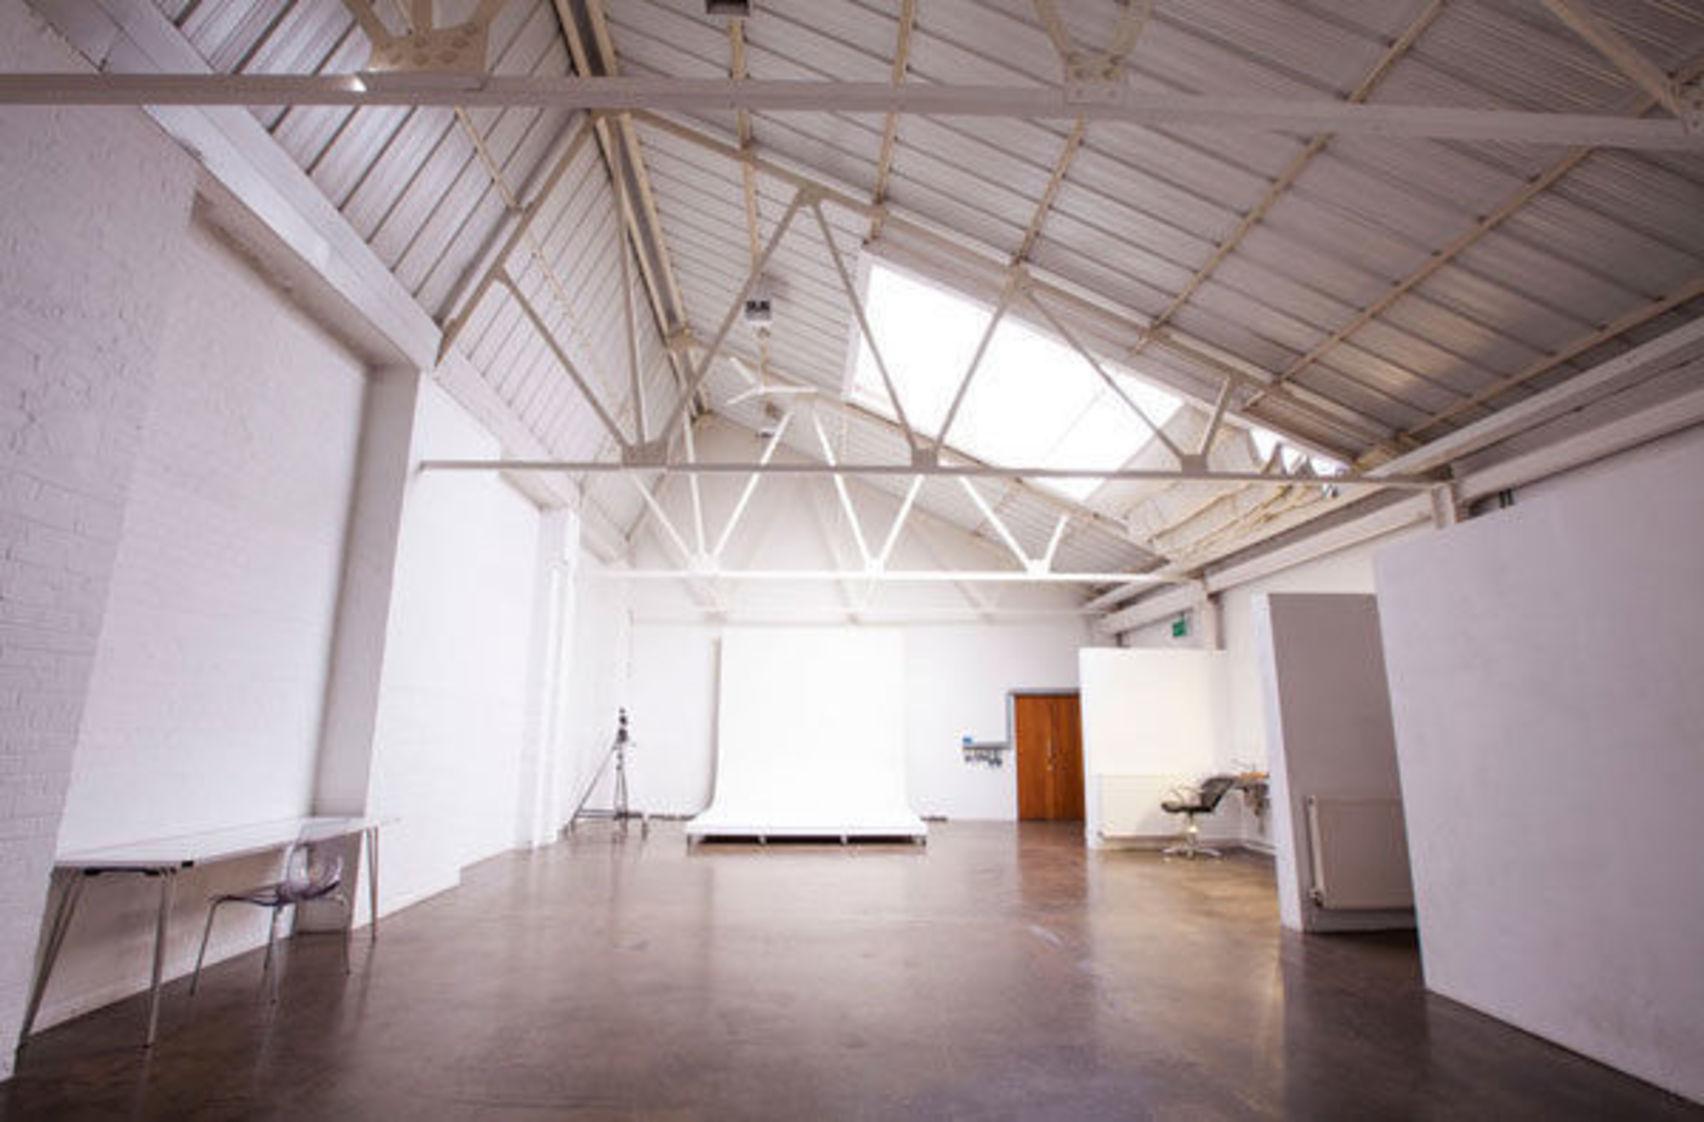 Studio 7, The Worx